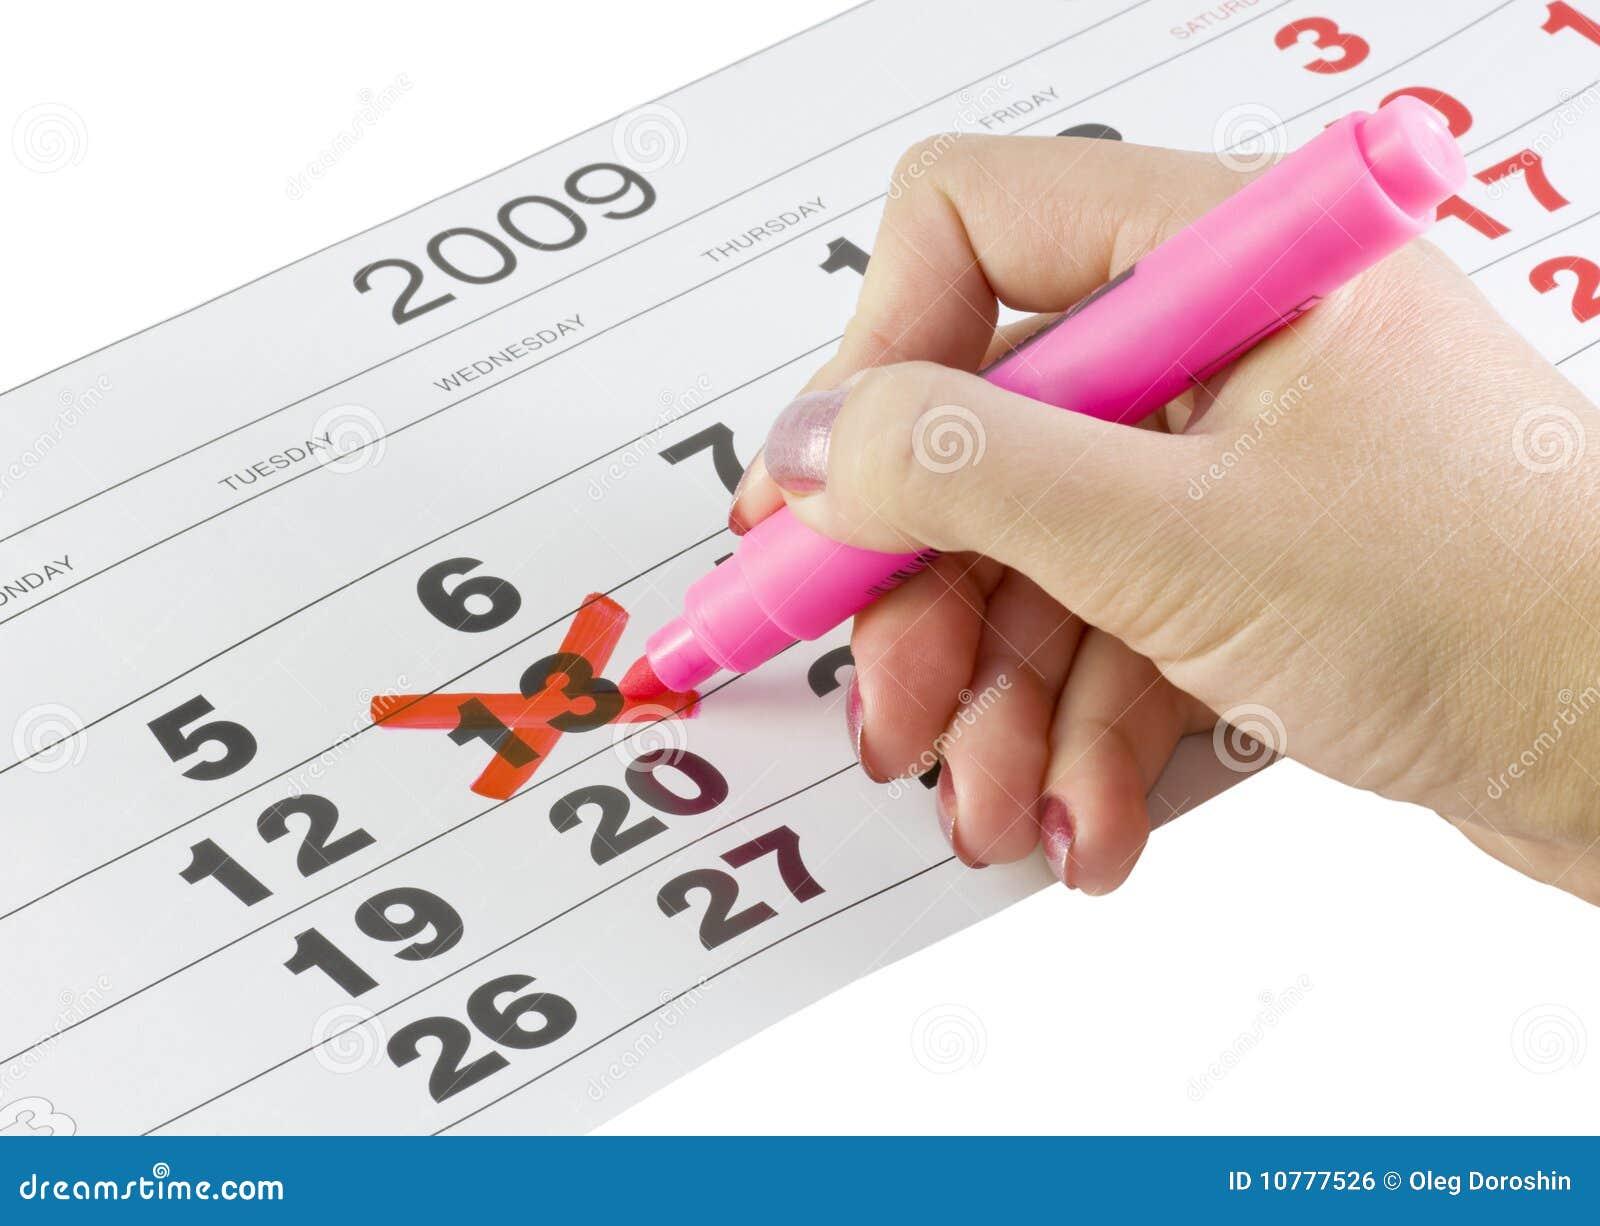 Kalender met de datum